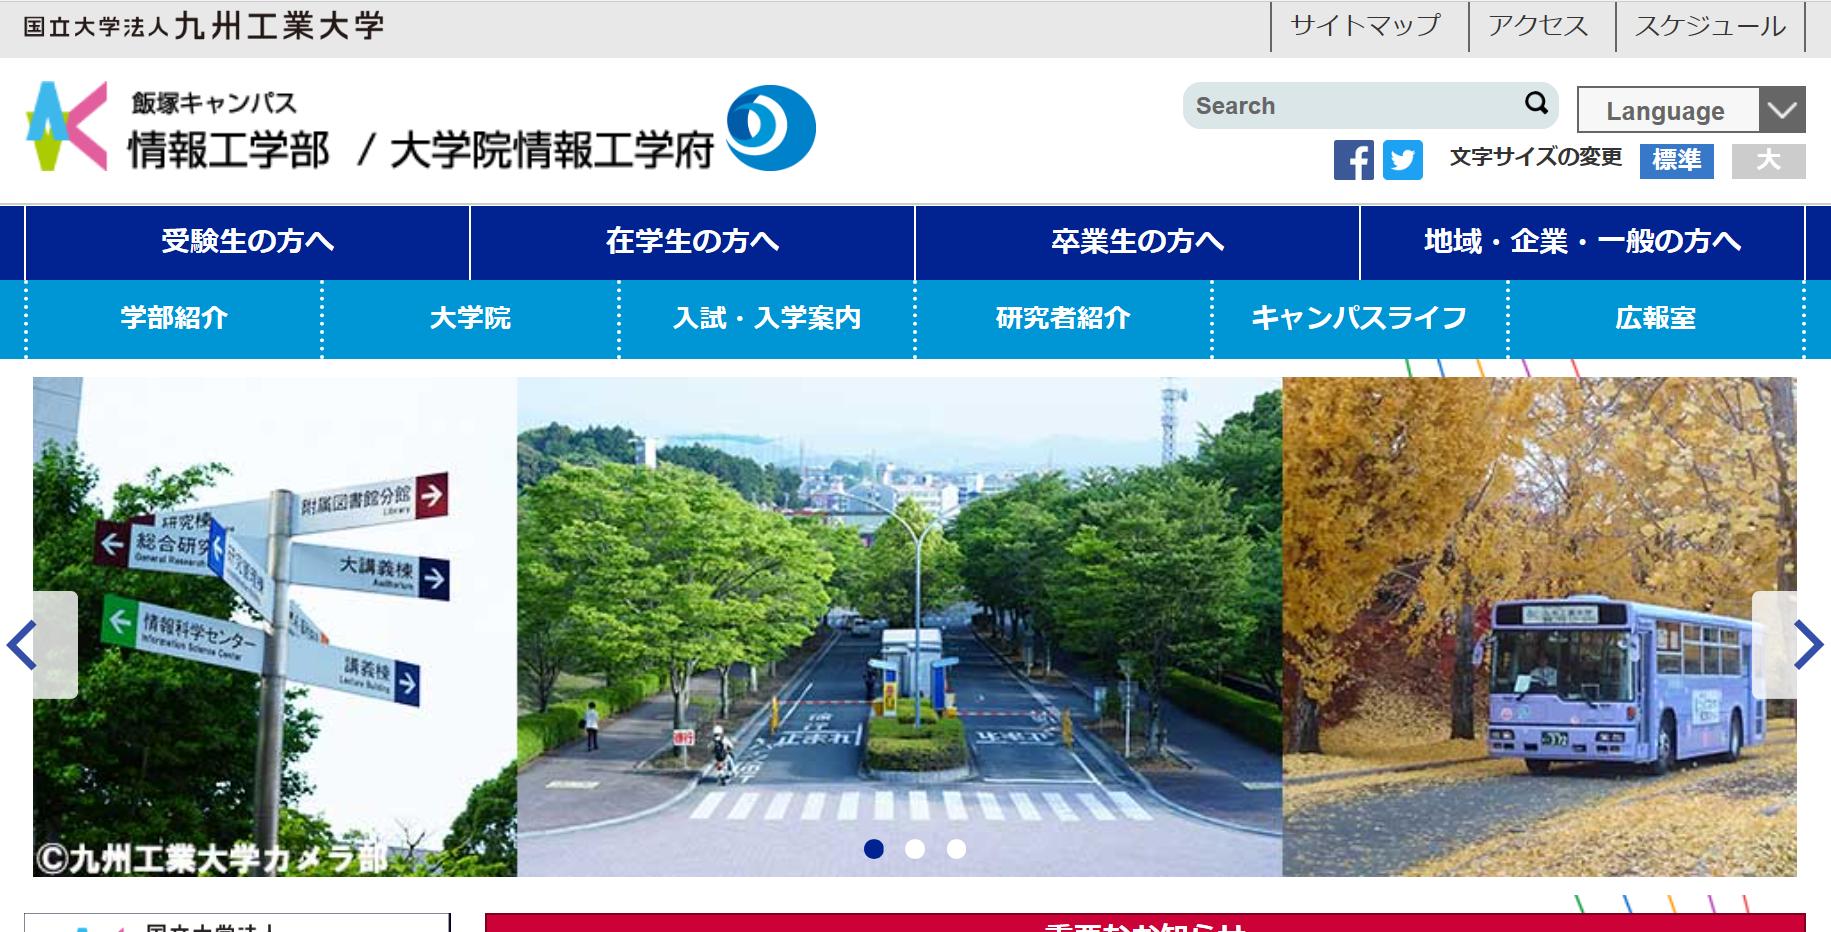 九州工業大学の評判・口コミ【情報工学部編】